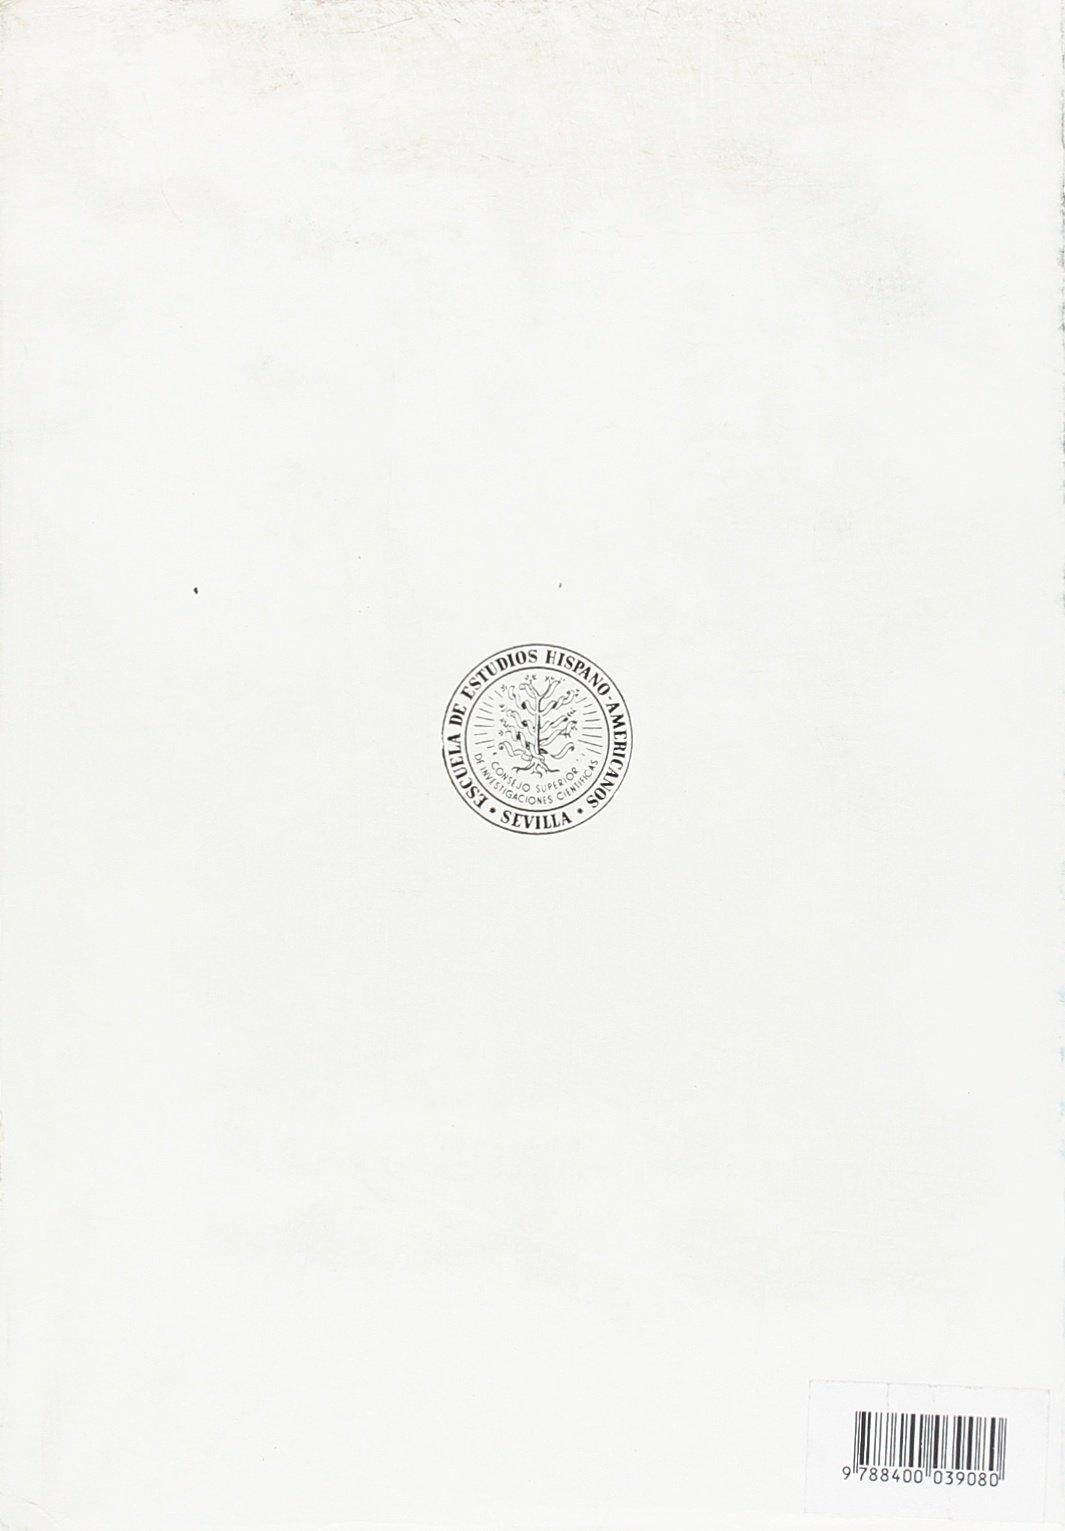 Historia social de Paraguay 1600-1650 Publicaciones de la Escuela de Estudios Hispanoamericanos: Amazon.es: José Luis Mora Mérida: Libros